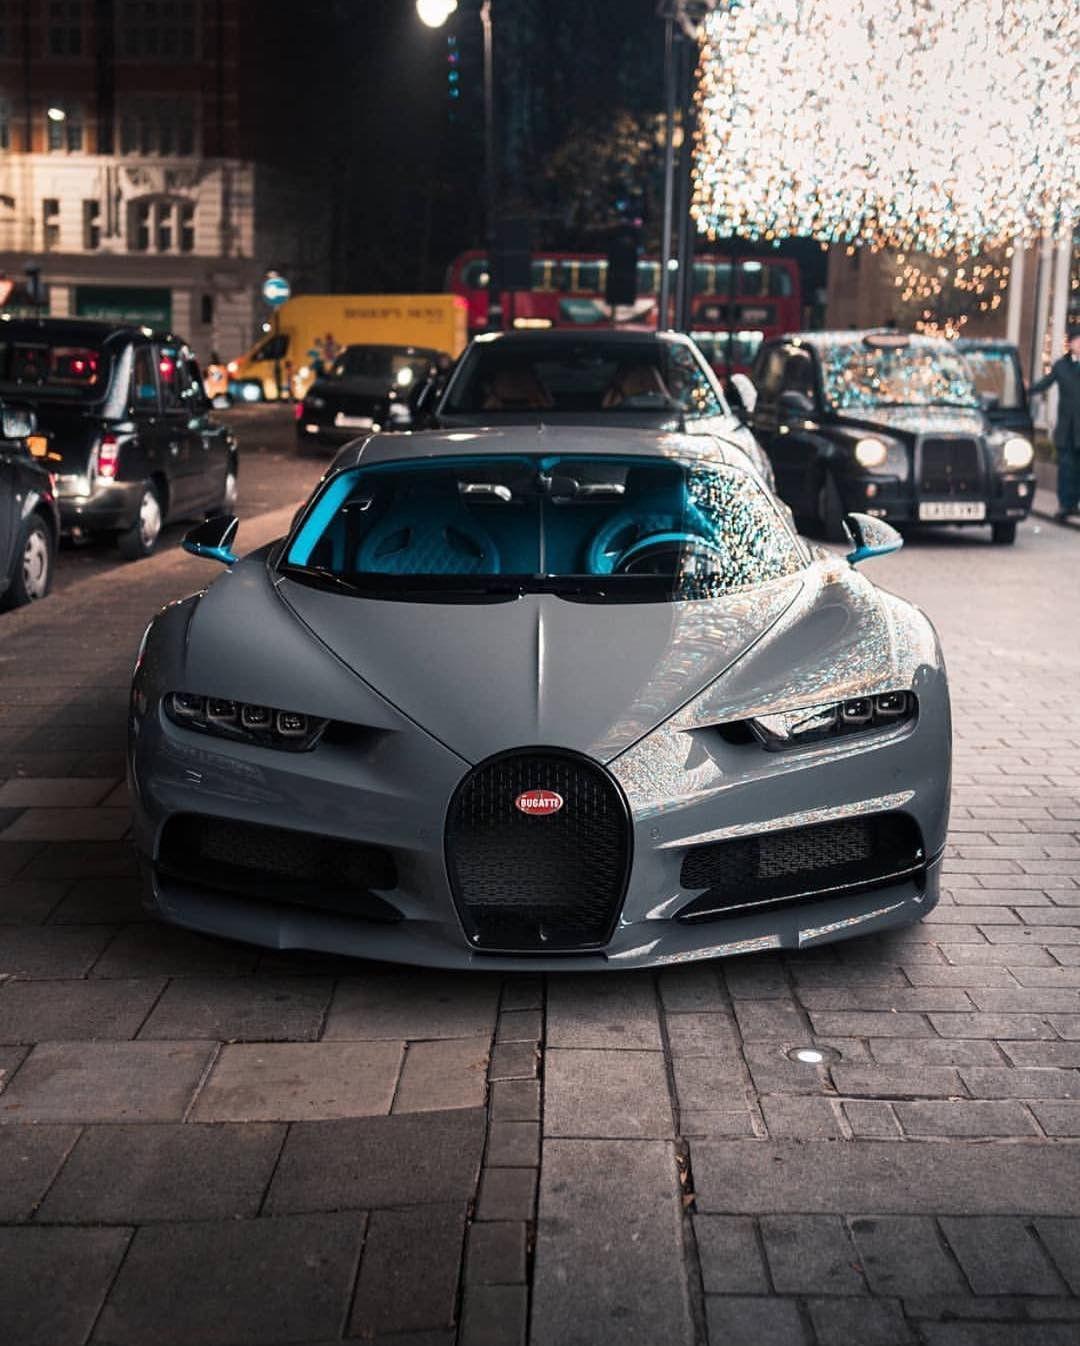 Nardo Gray Bugatti Chiron Supercar Super Cars Bugatti Chiron Nardo Grey